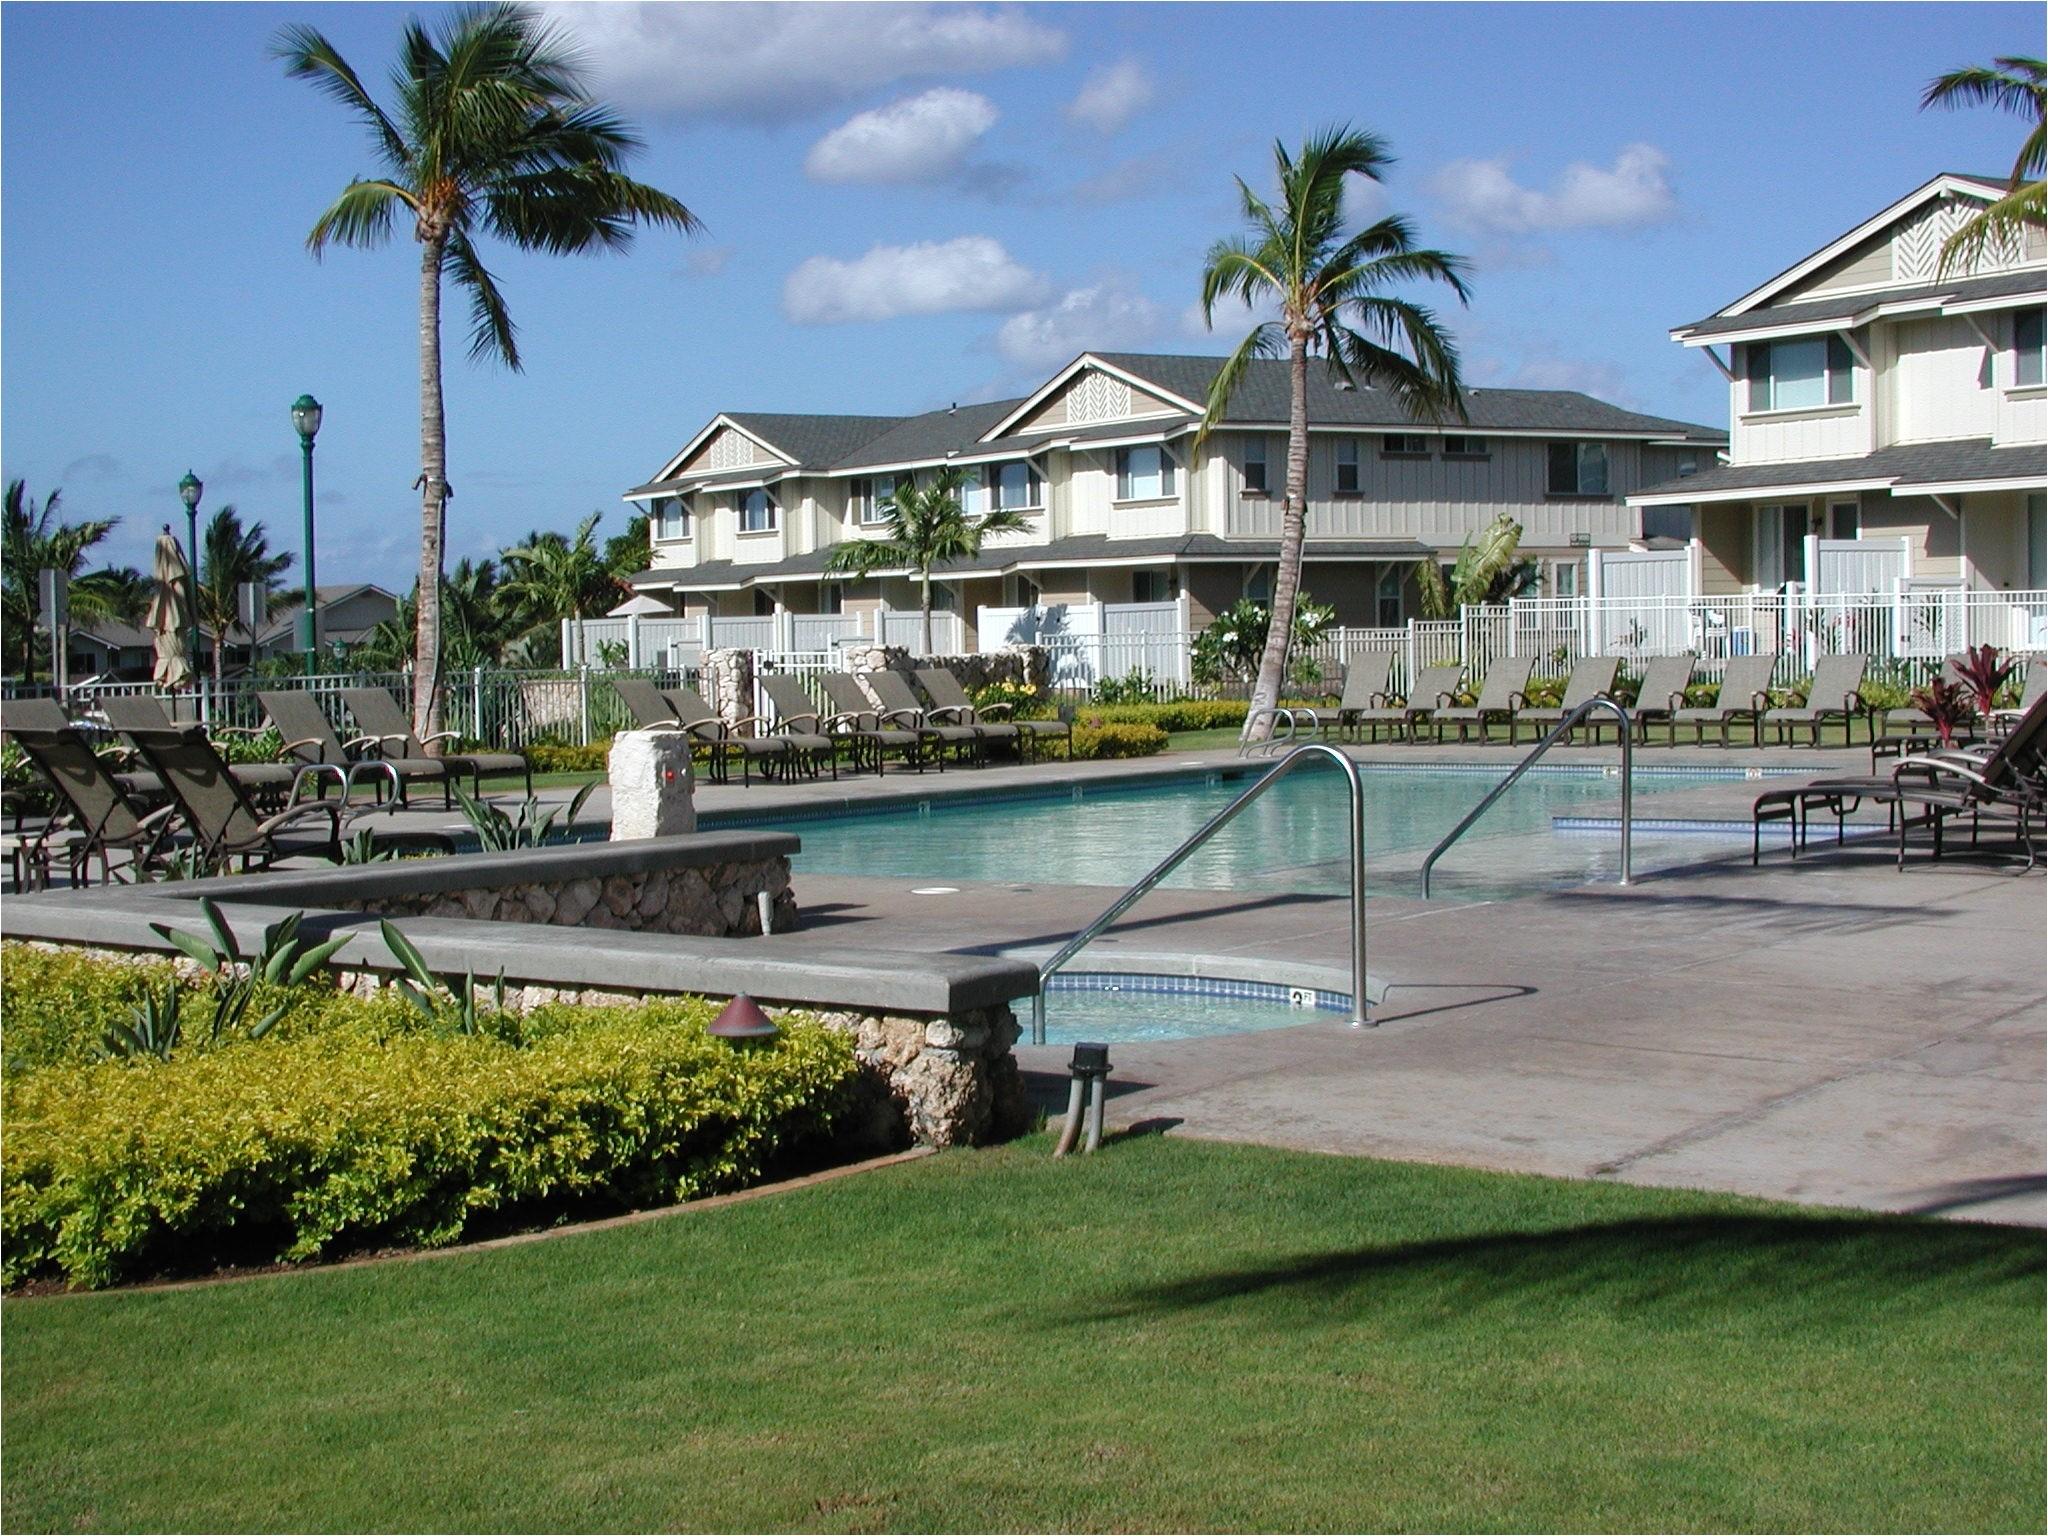 Ko Olina Hillside Villas for Sale Ko Olina Hillside Villas Hawaii Ocean Club Realty Group